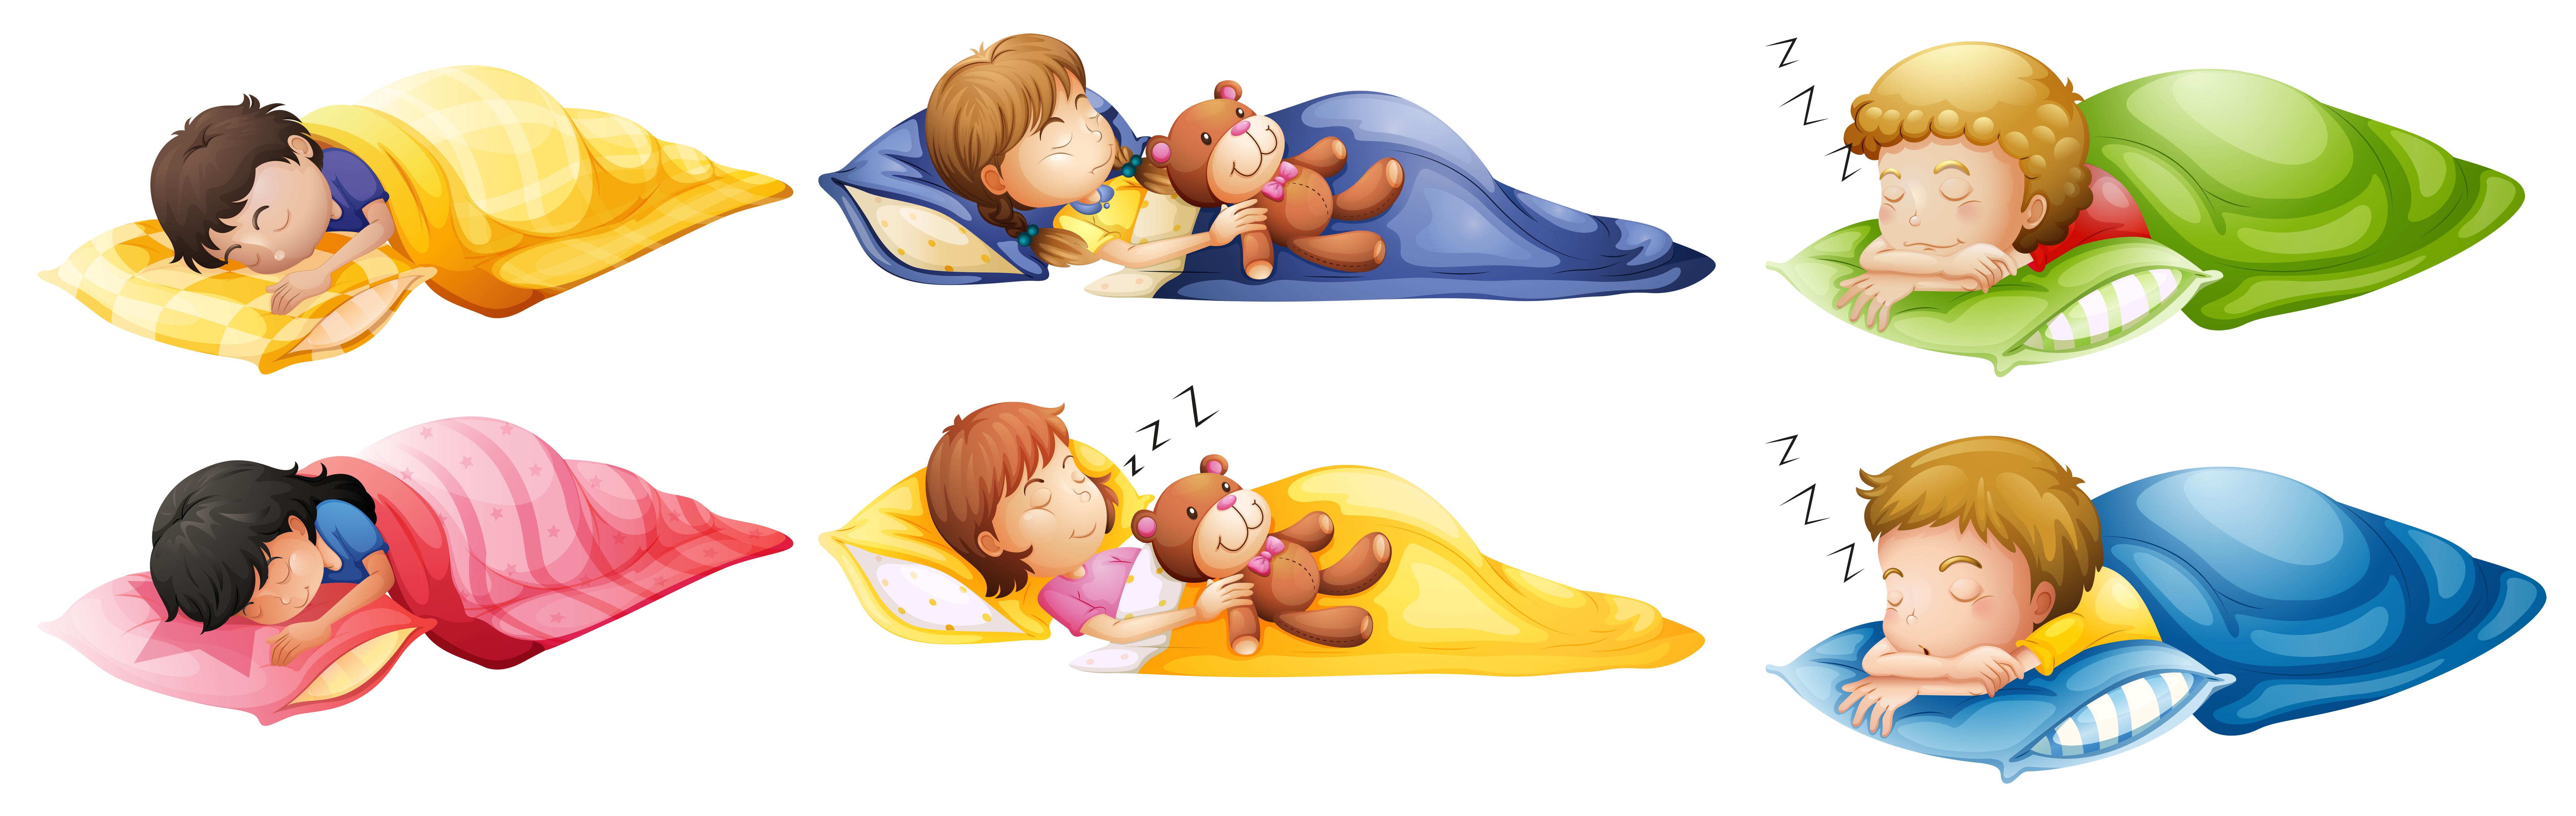 Сделать, дети спят картинки для детей дошкольного возраста